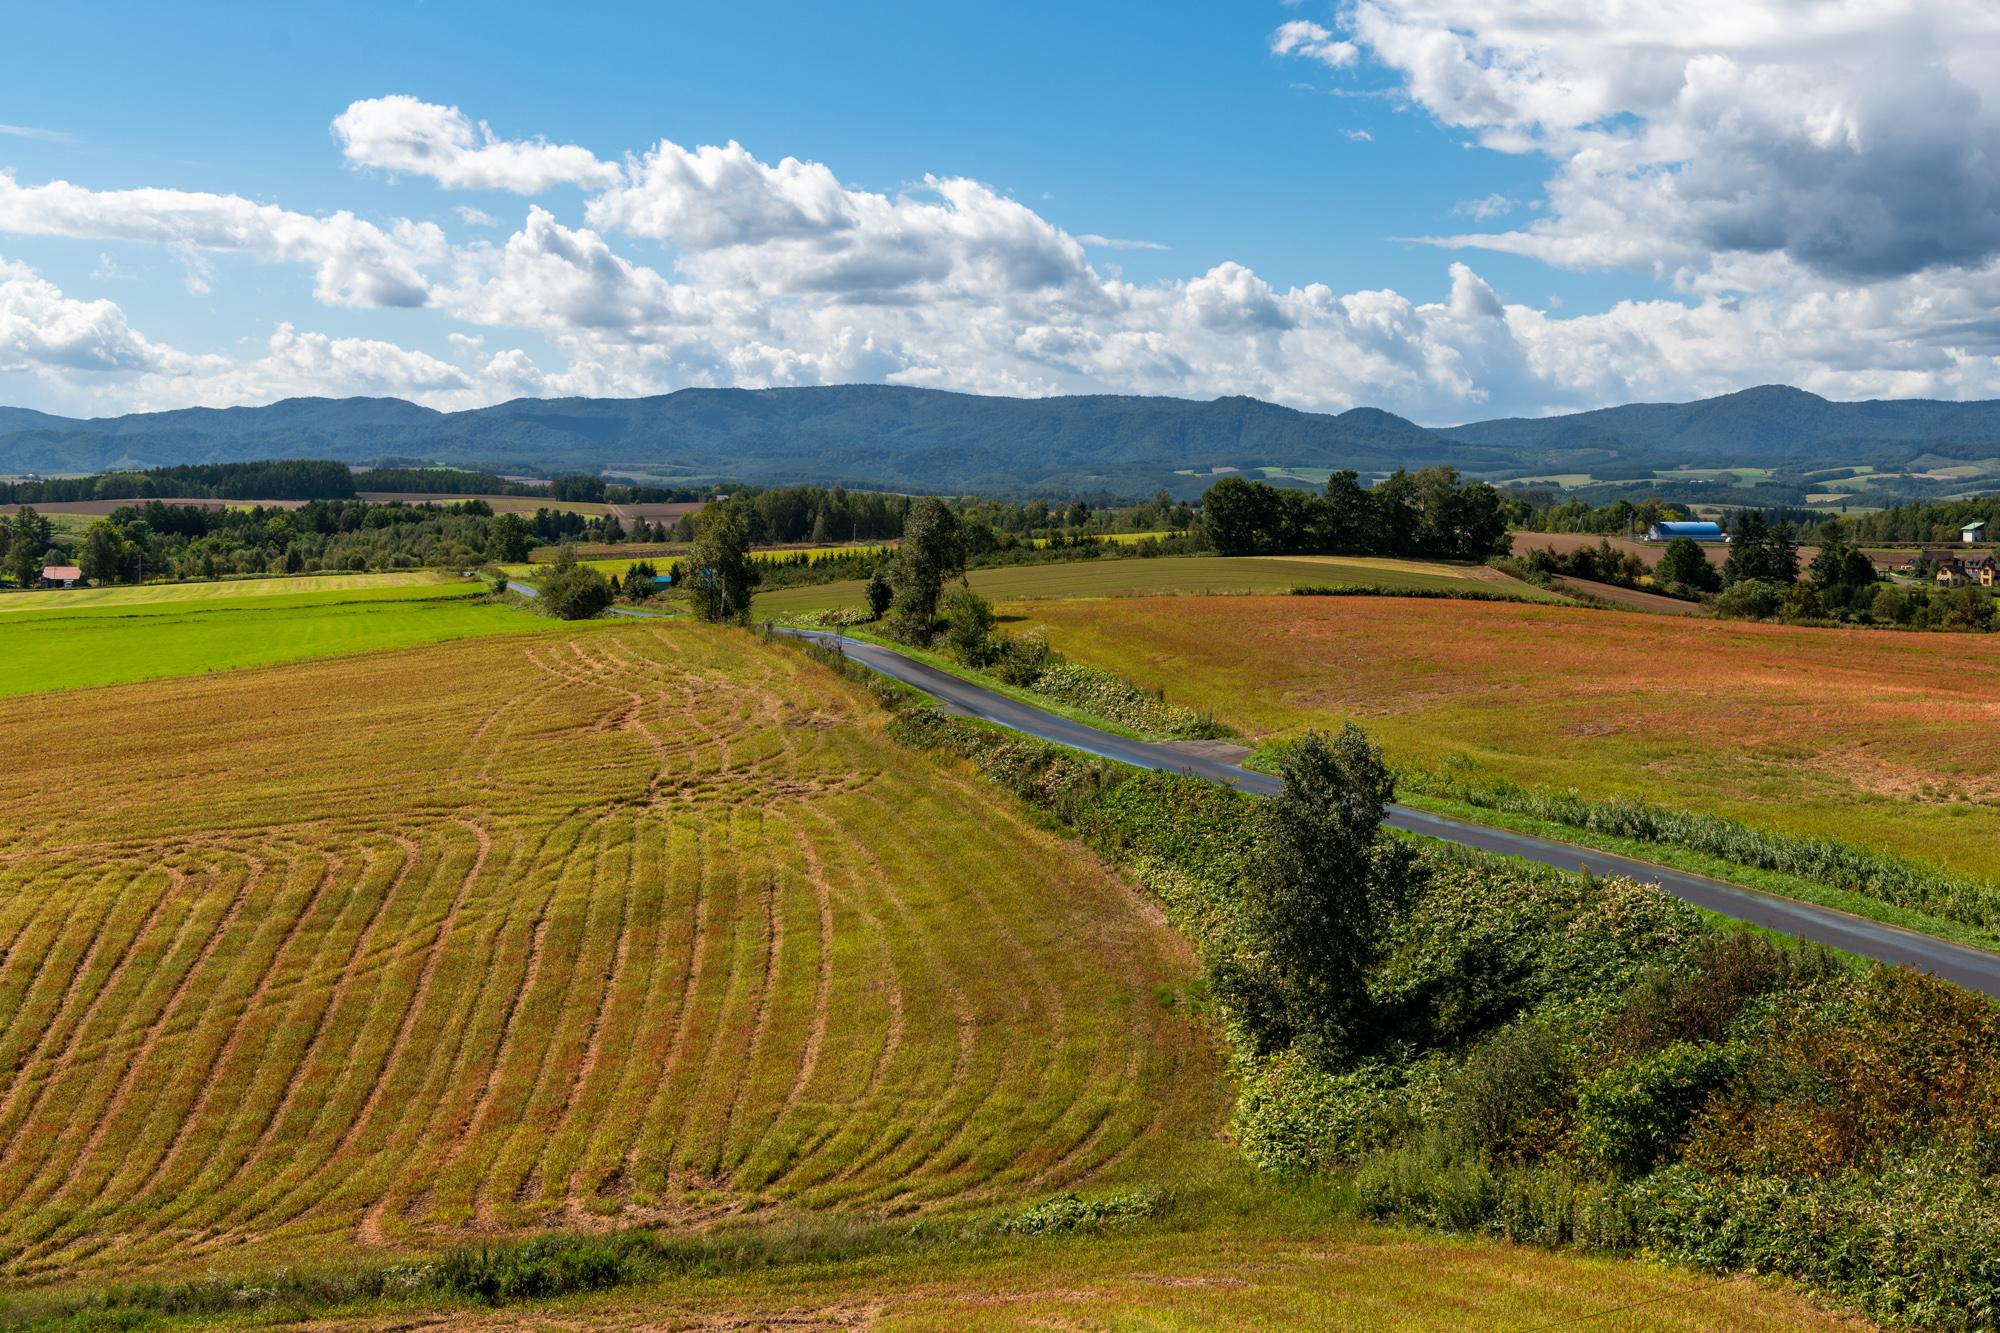 Лоскутные сельхозполя Хоккайдо Хоккайдо, рекламе, дерева, деревья, сигарет, сладкие, Например, спокойно, можно, работает, Японцы, будет, очень, Сахалина, напомню, прямо, Курильских, центре, здесь, самой